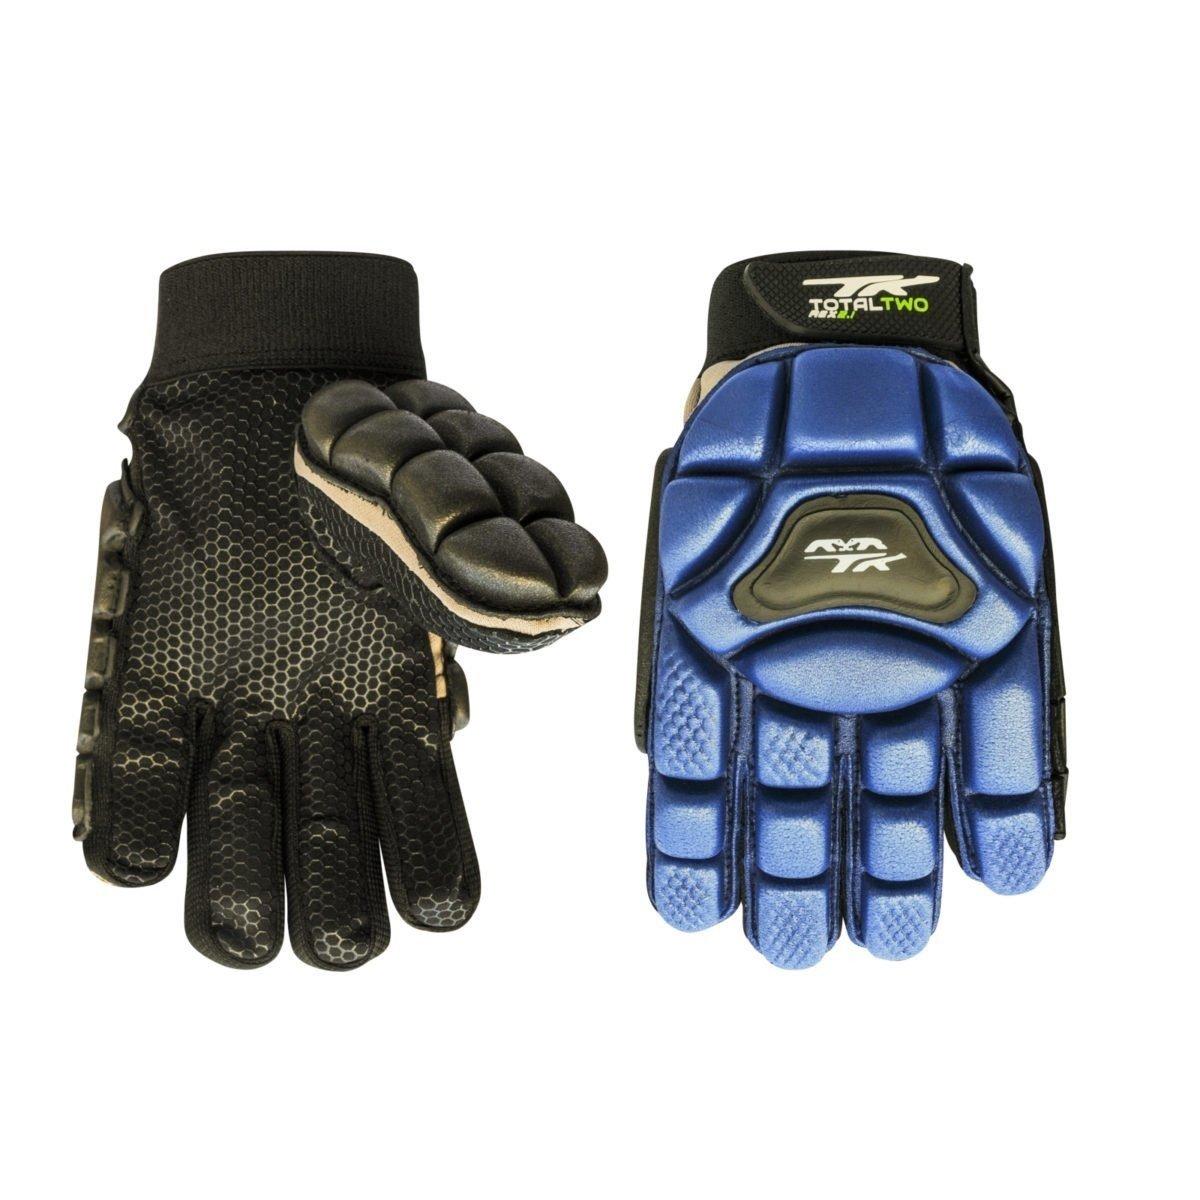 2017/18 TK Total One AGX 2.1 Hockey Glove